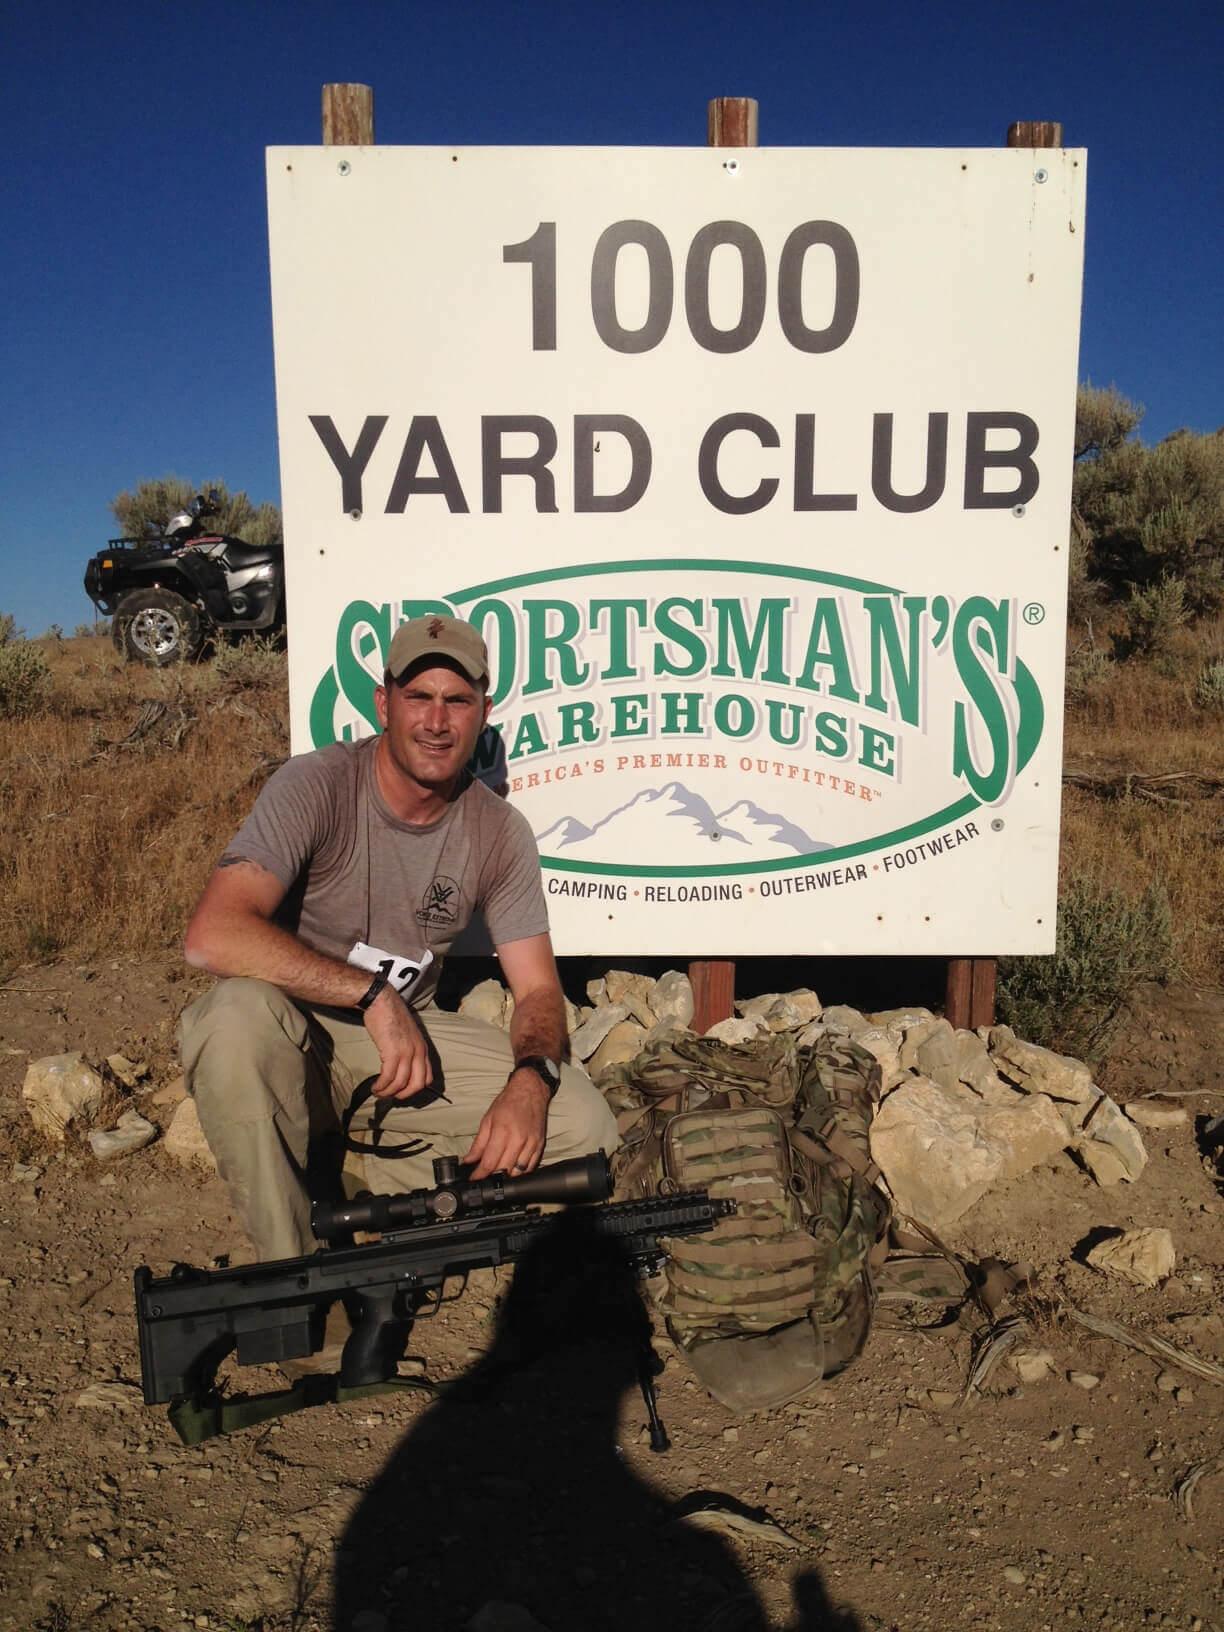 1000 Yard Club